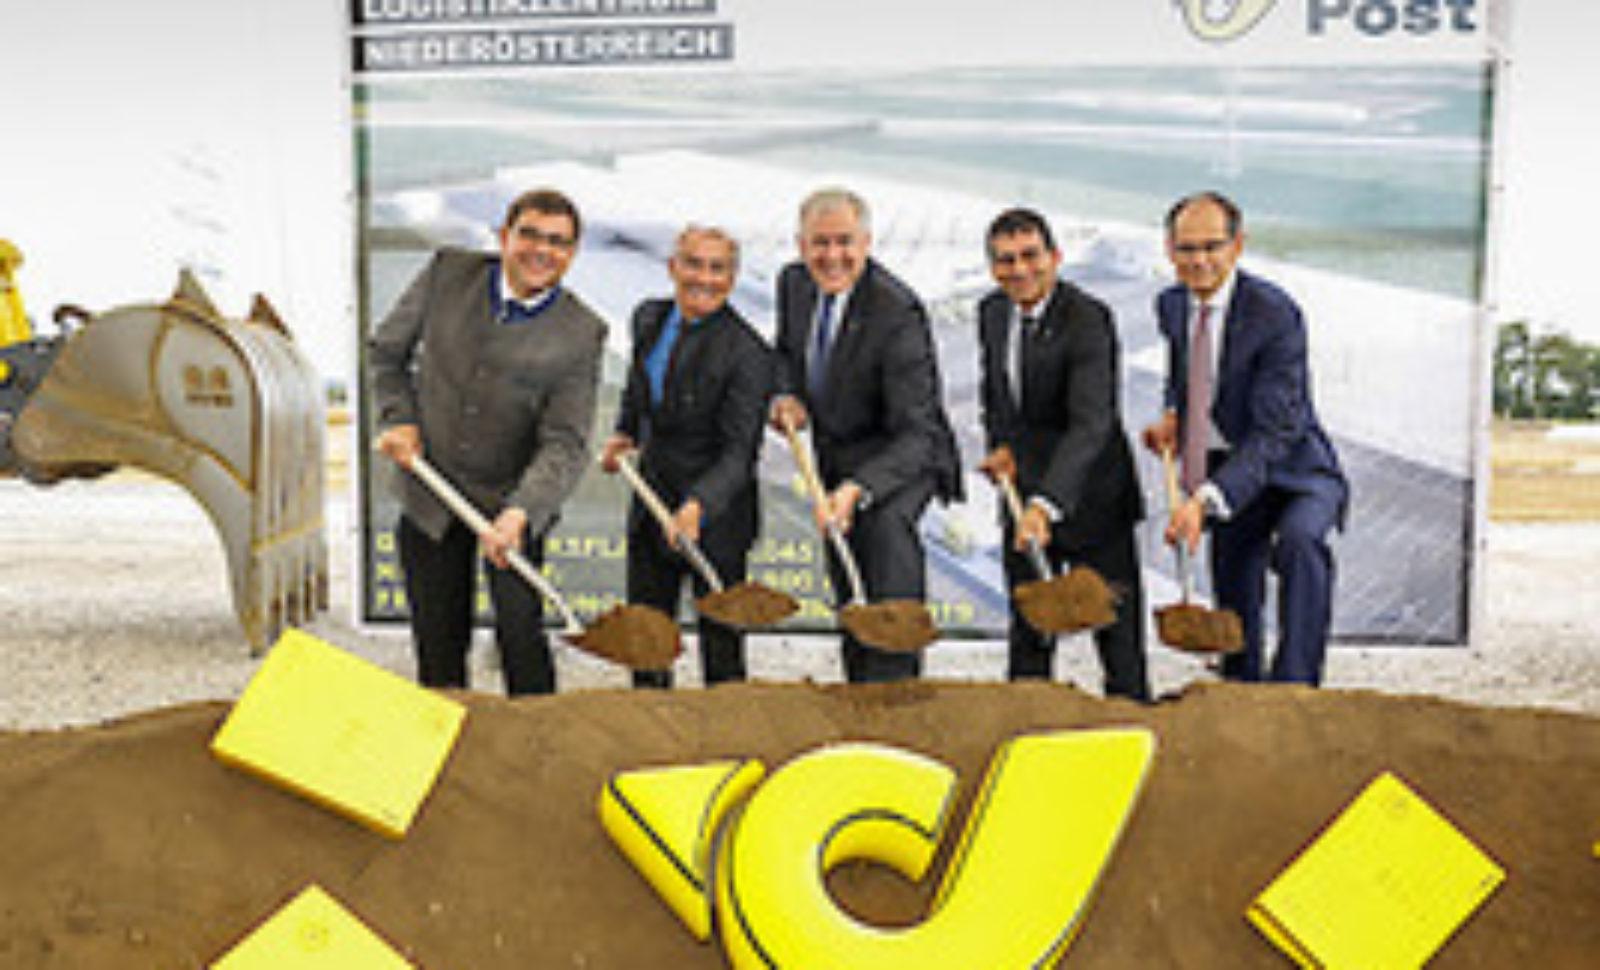 Spatenstich für neues Paketzentrum in Hagenbrunn/Niederösterreich